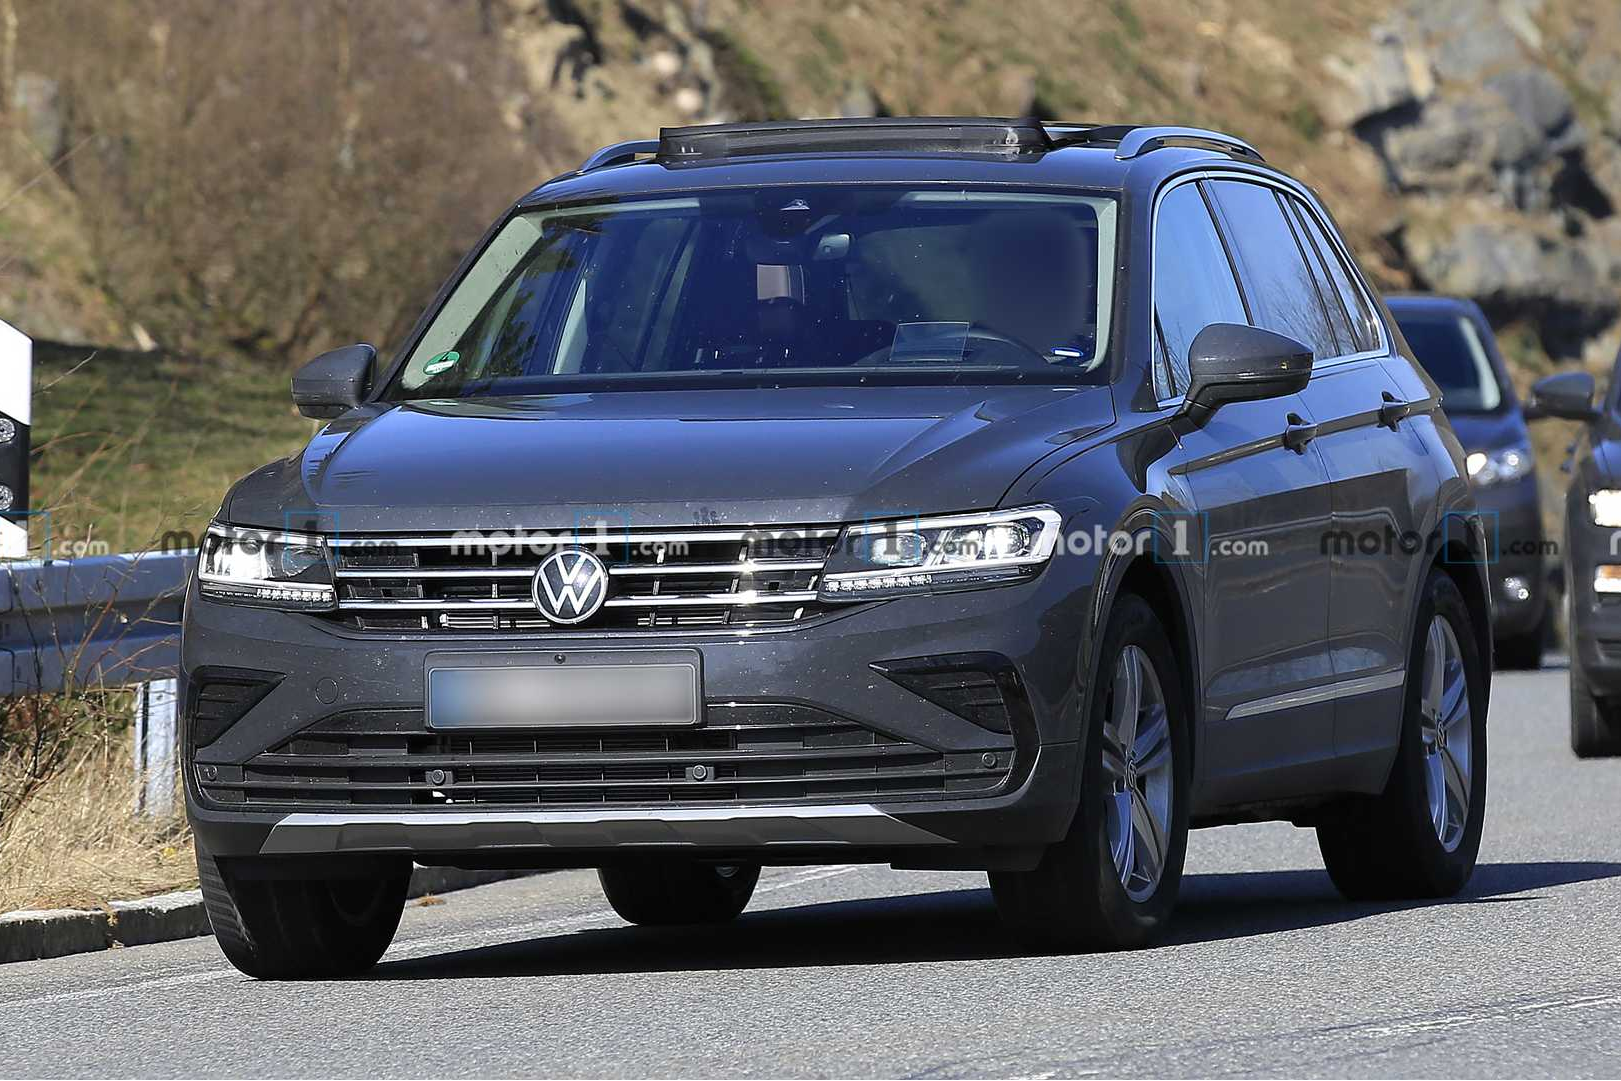 volkswagen-tiguan-facelift-spy-photo-1.jpg